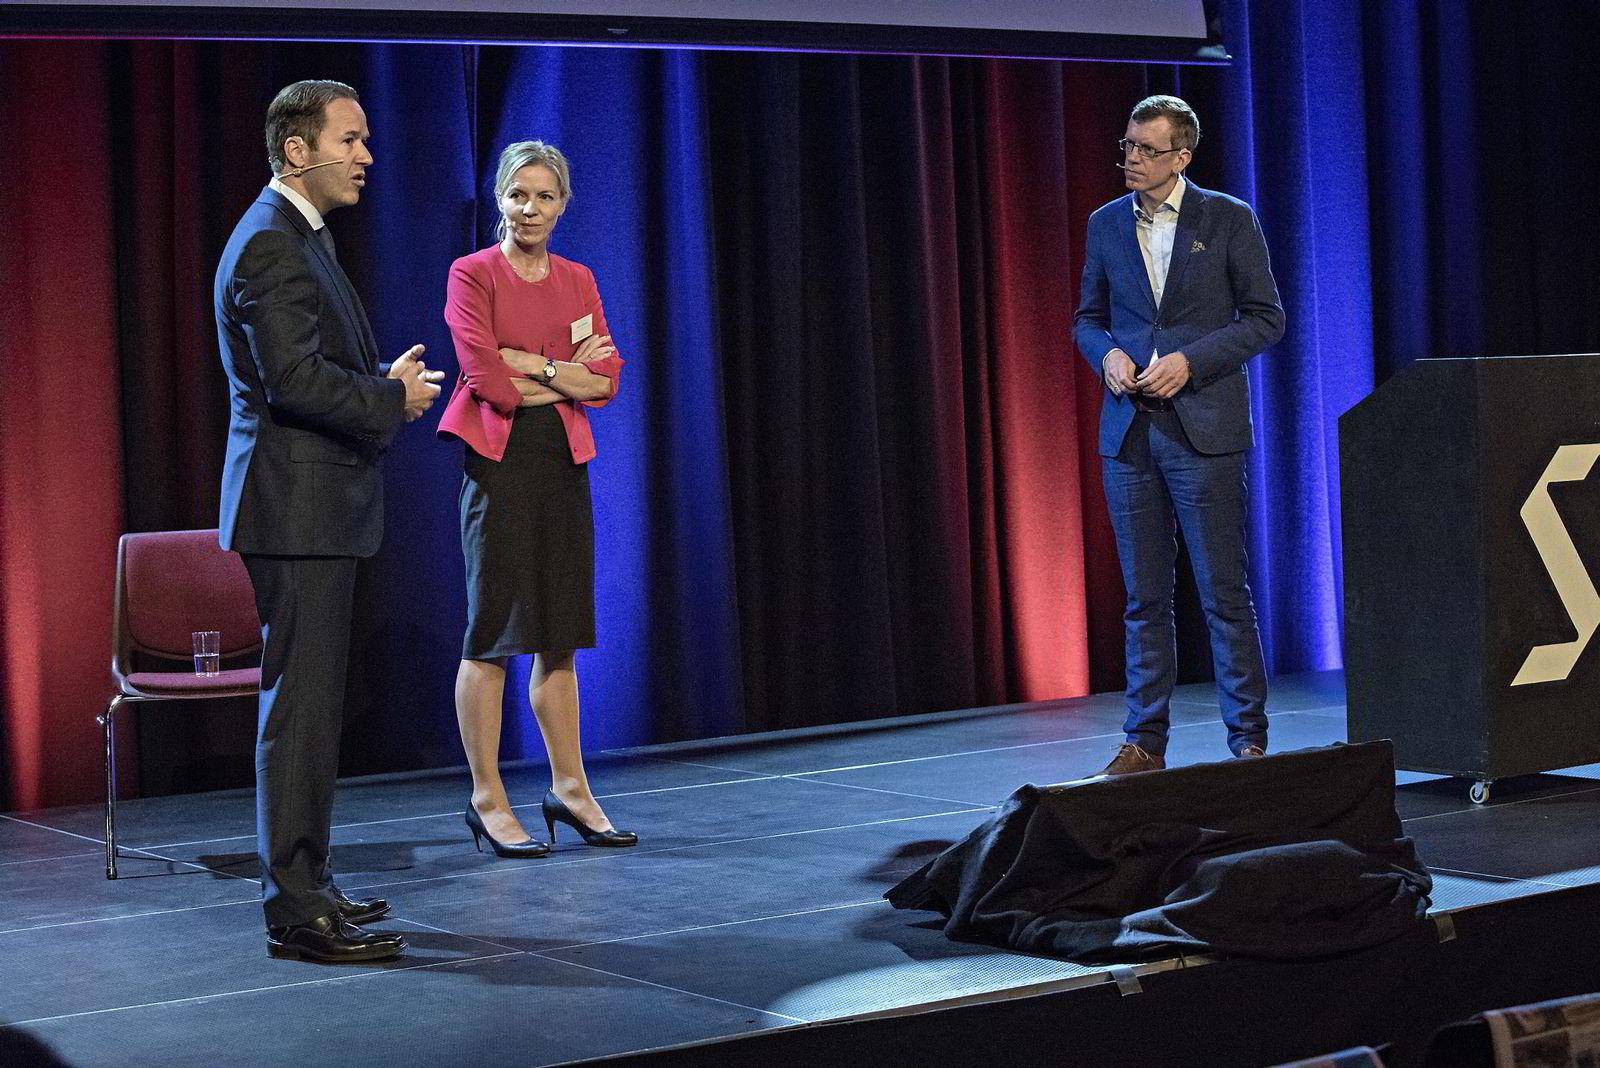 Paneldebatt med bl.a. Lars Erik Grønntun (CEO i Hill+Knowlton EMEA) og Marte Gerhardsen (leder av Agenda). Ledet av Kjetil B. Alstadheim (til høyre)                 Maktens Språk,  DN Konferanse på Sentralen.